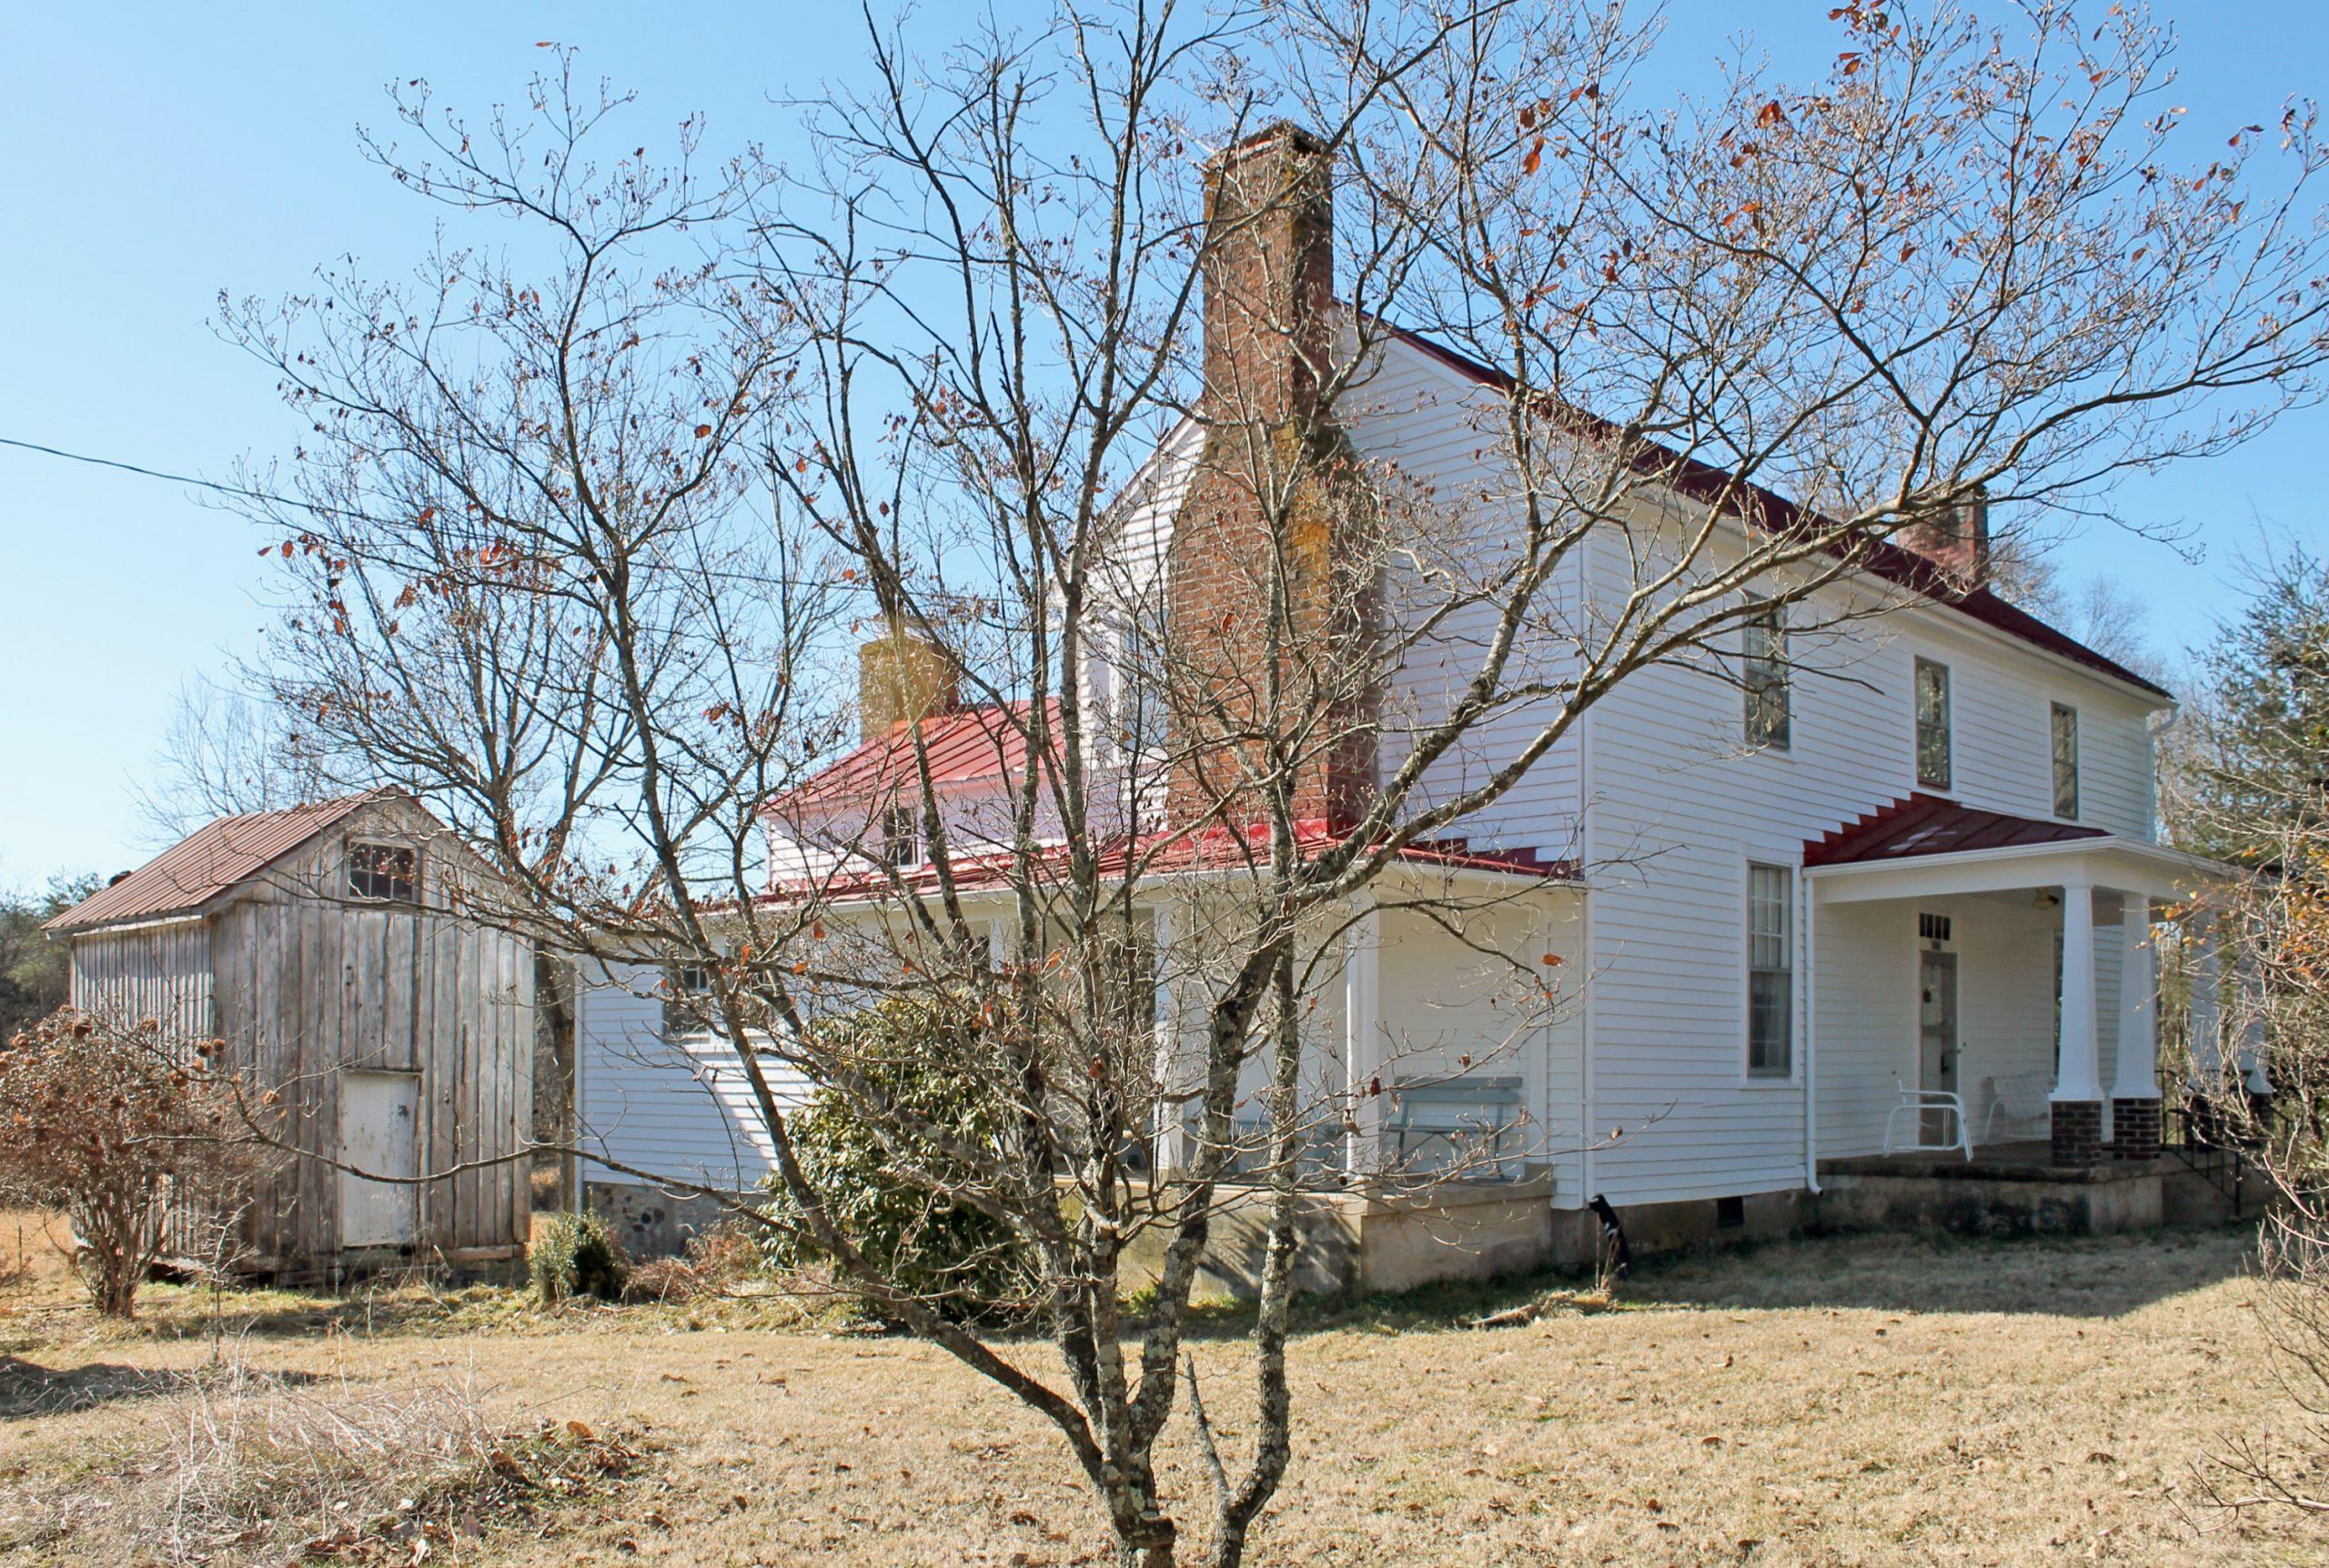 Royster C. Parr House